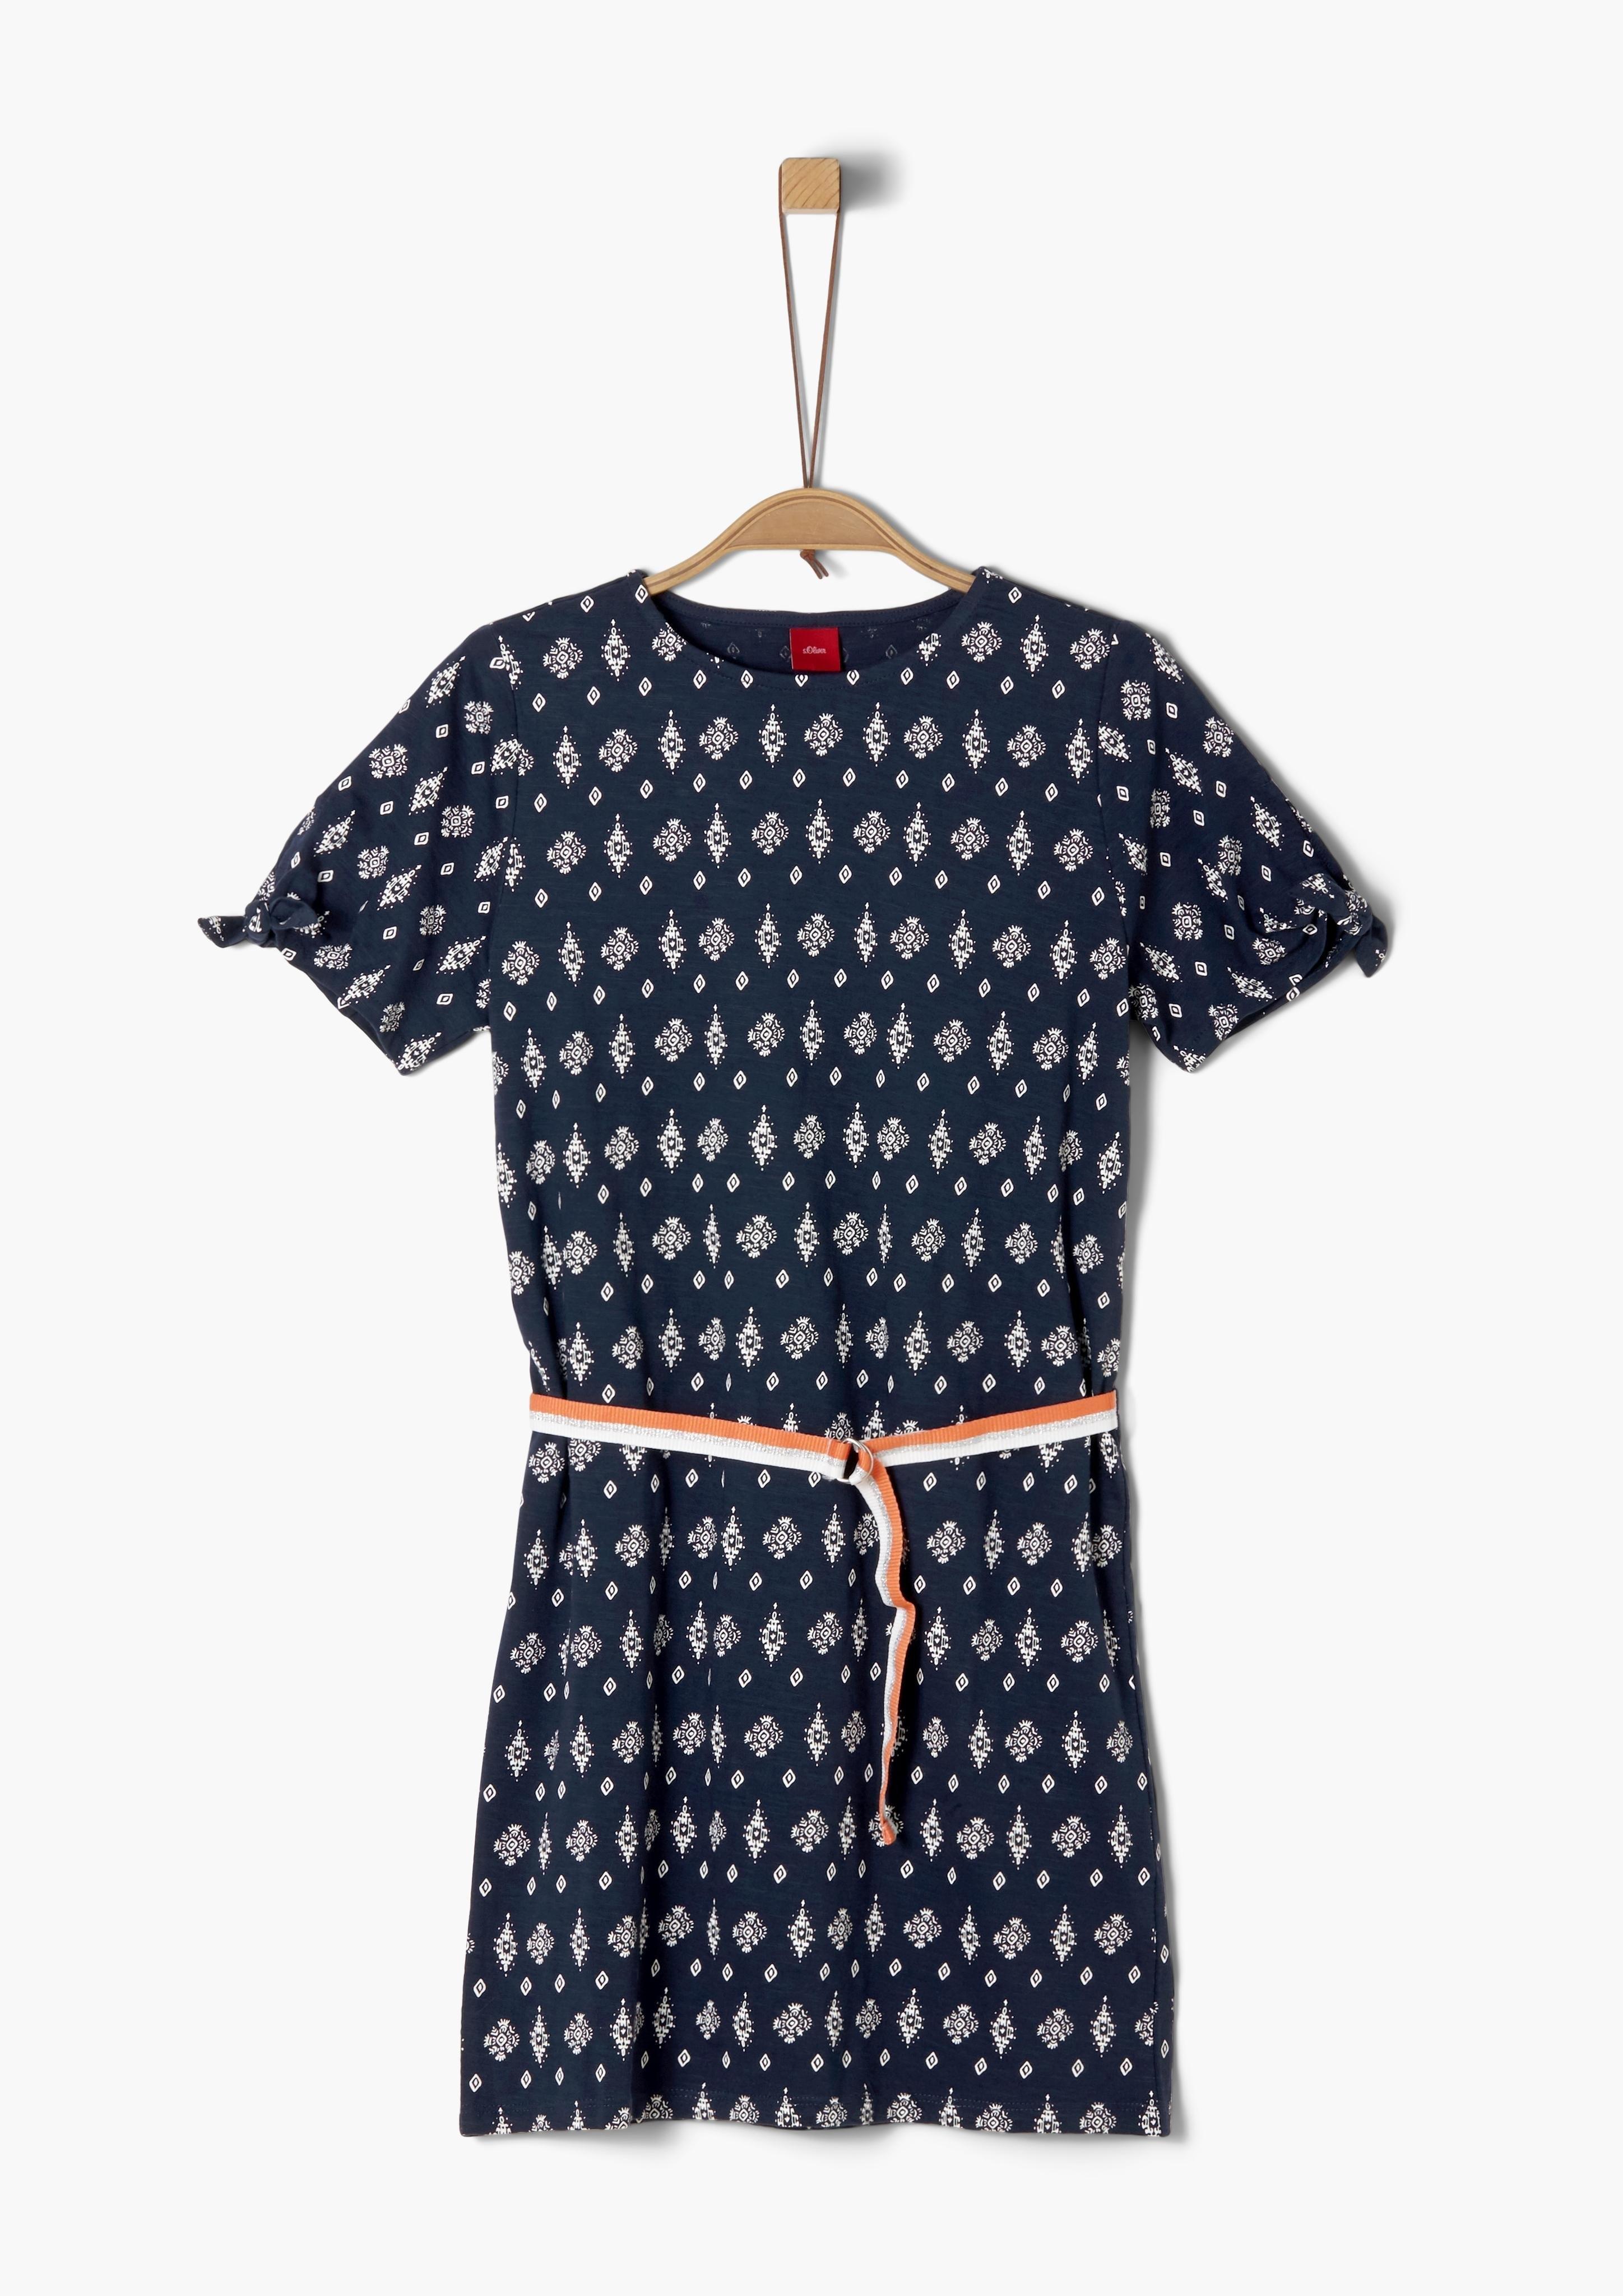 s.Oliver RED LABEL s.Oliver Junior Cold-shoulder jurk met motief voor meisjes online kopen op otto.nl